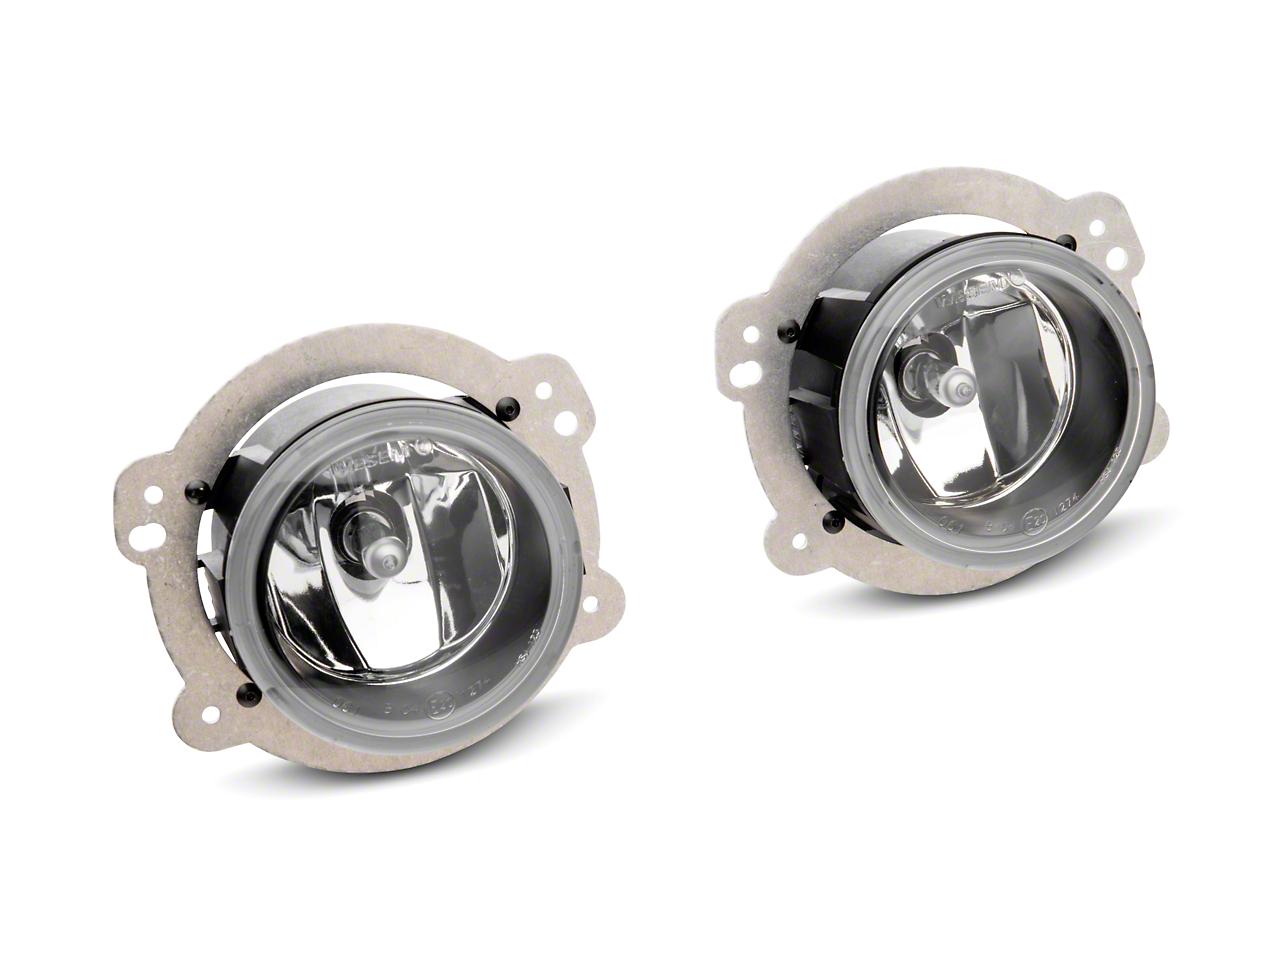 Delta 3088 Series 3.5 in. Xenon Bumper Fog Light Kit (07-18 Wrangler JK)